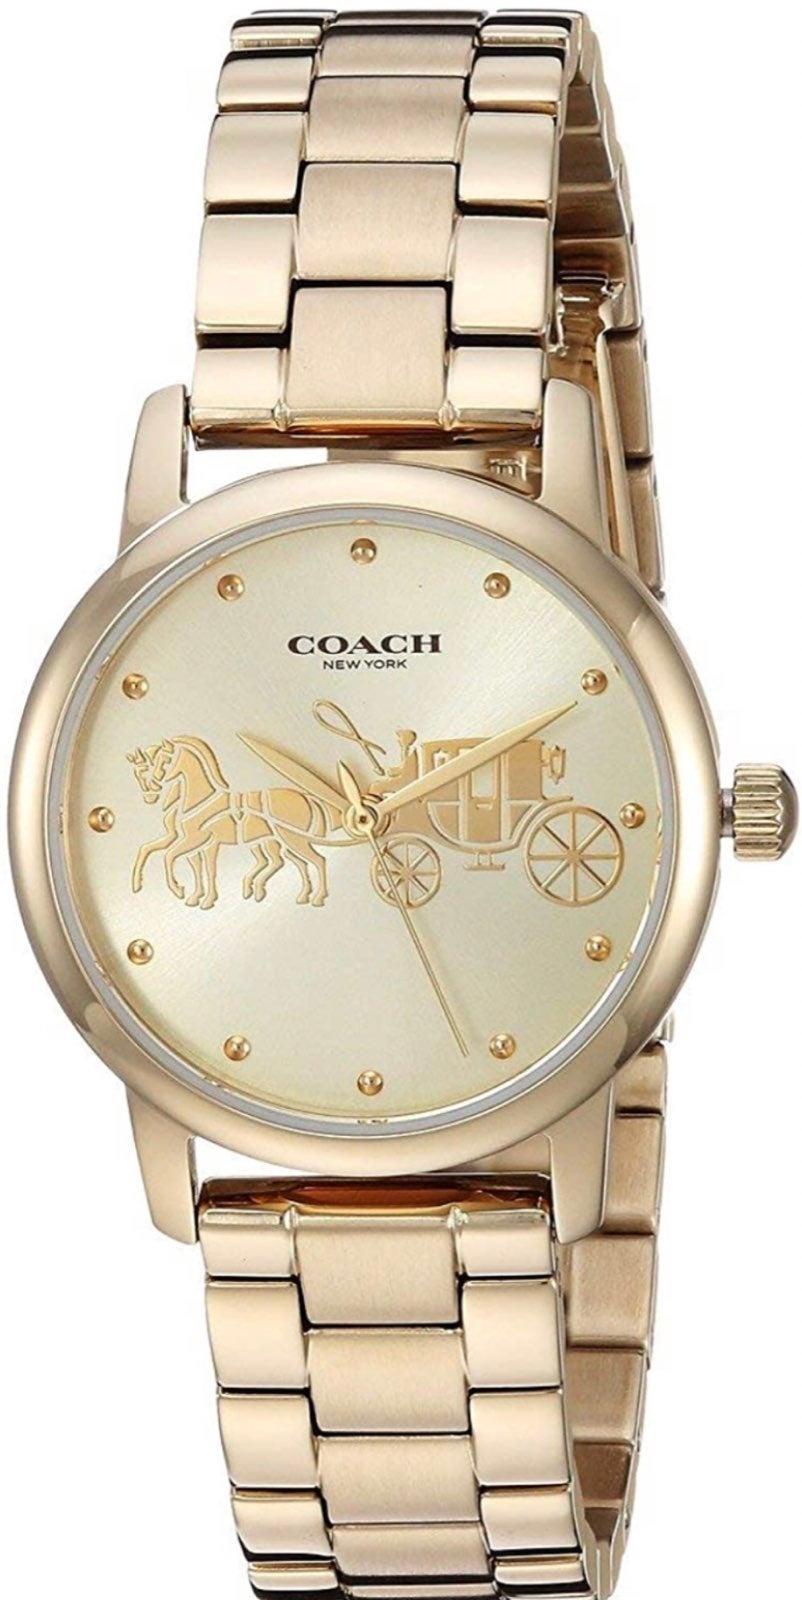 Coach New York Gold Women's Watch.